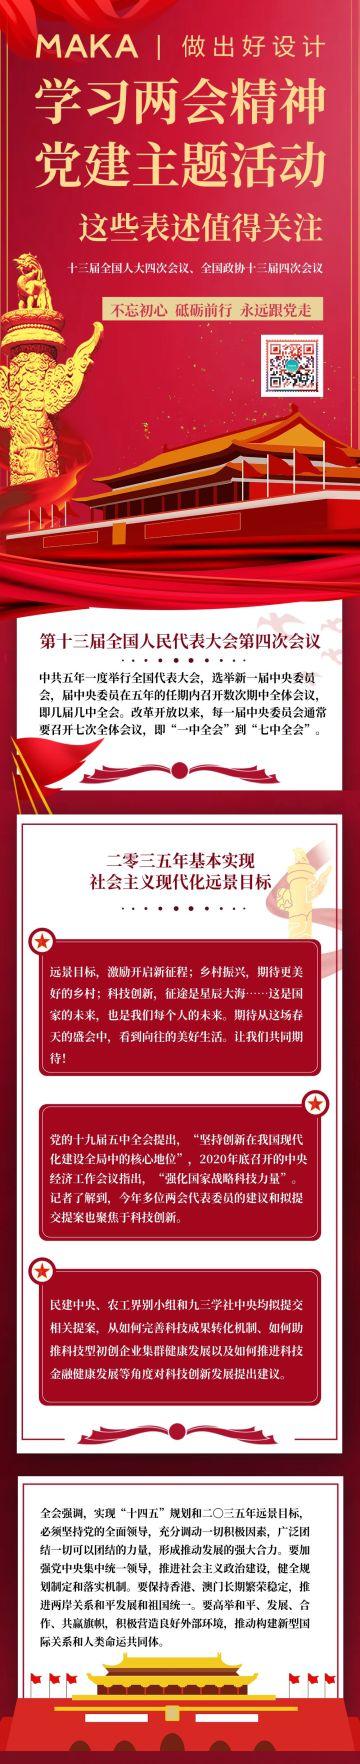 红色简约党建活动文章长图